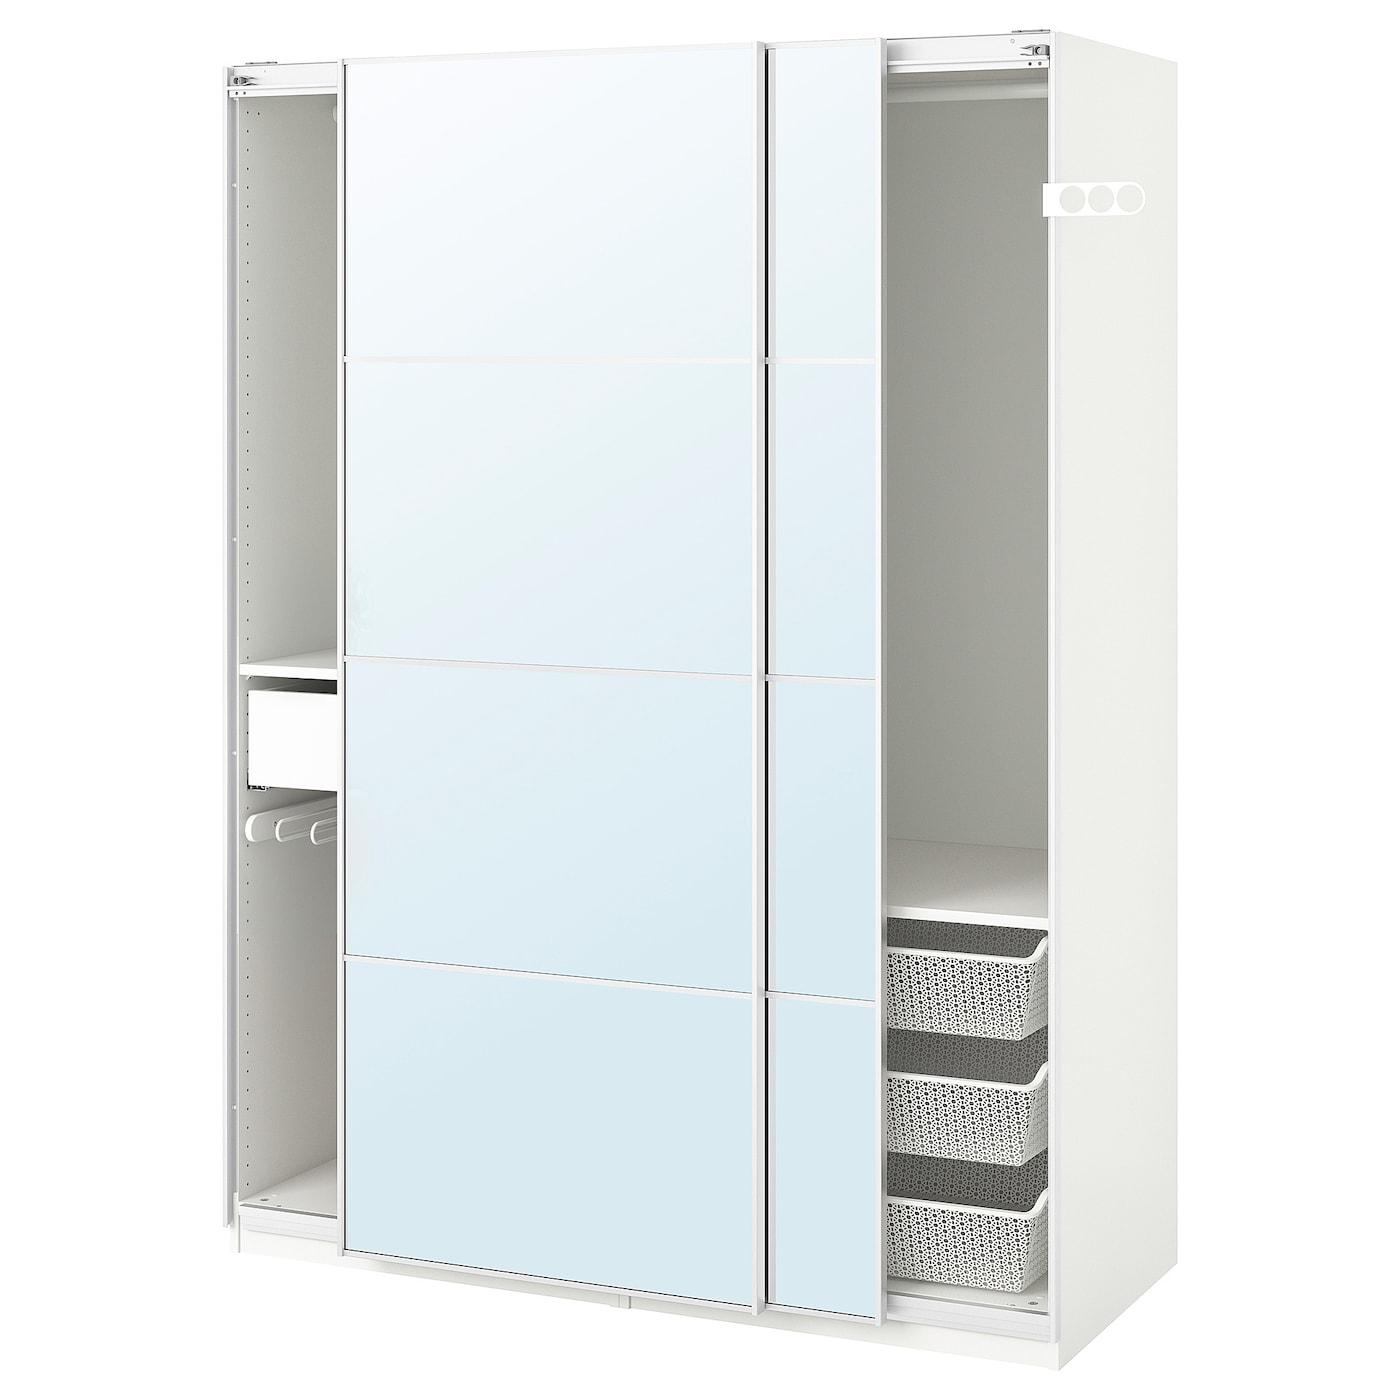 IKEA PAX, 150x66x201 cm, biała szafa z parą drzwi przesuwanych AULI ze szklanymi panelami